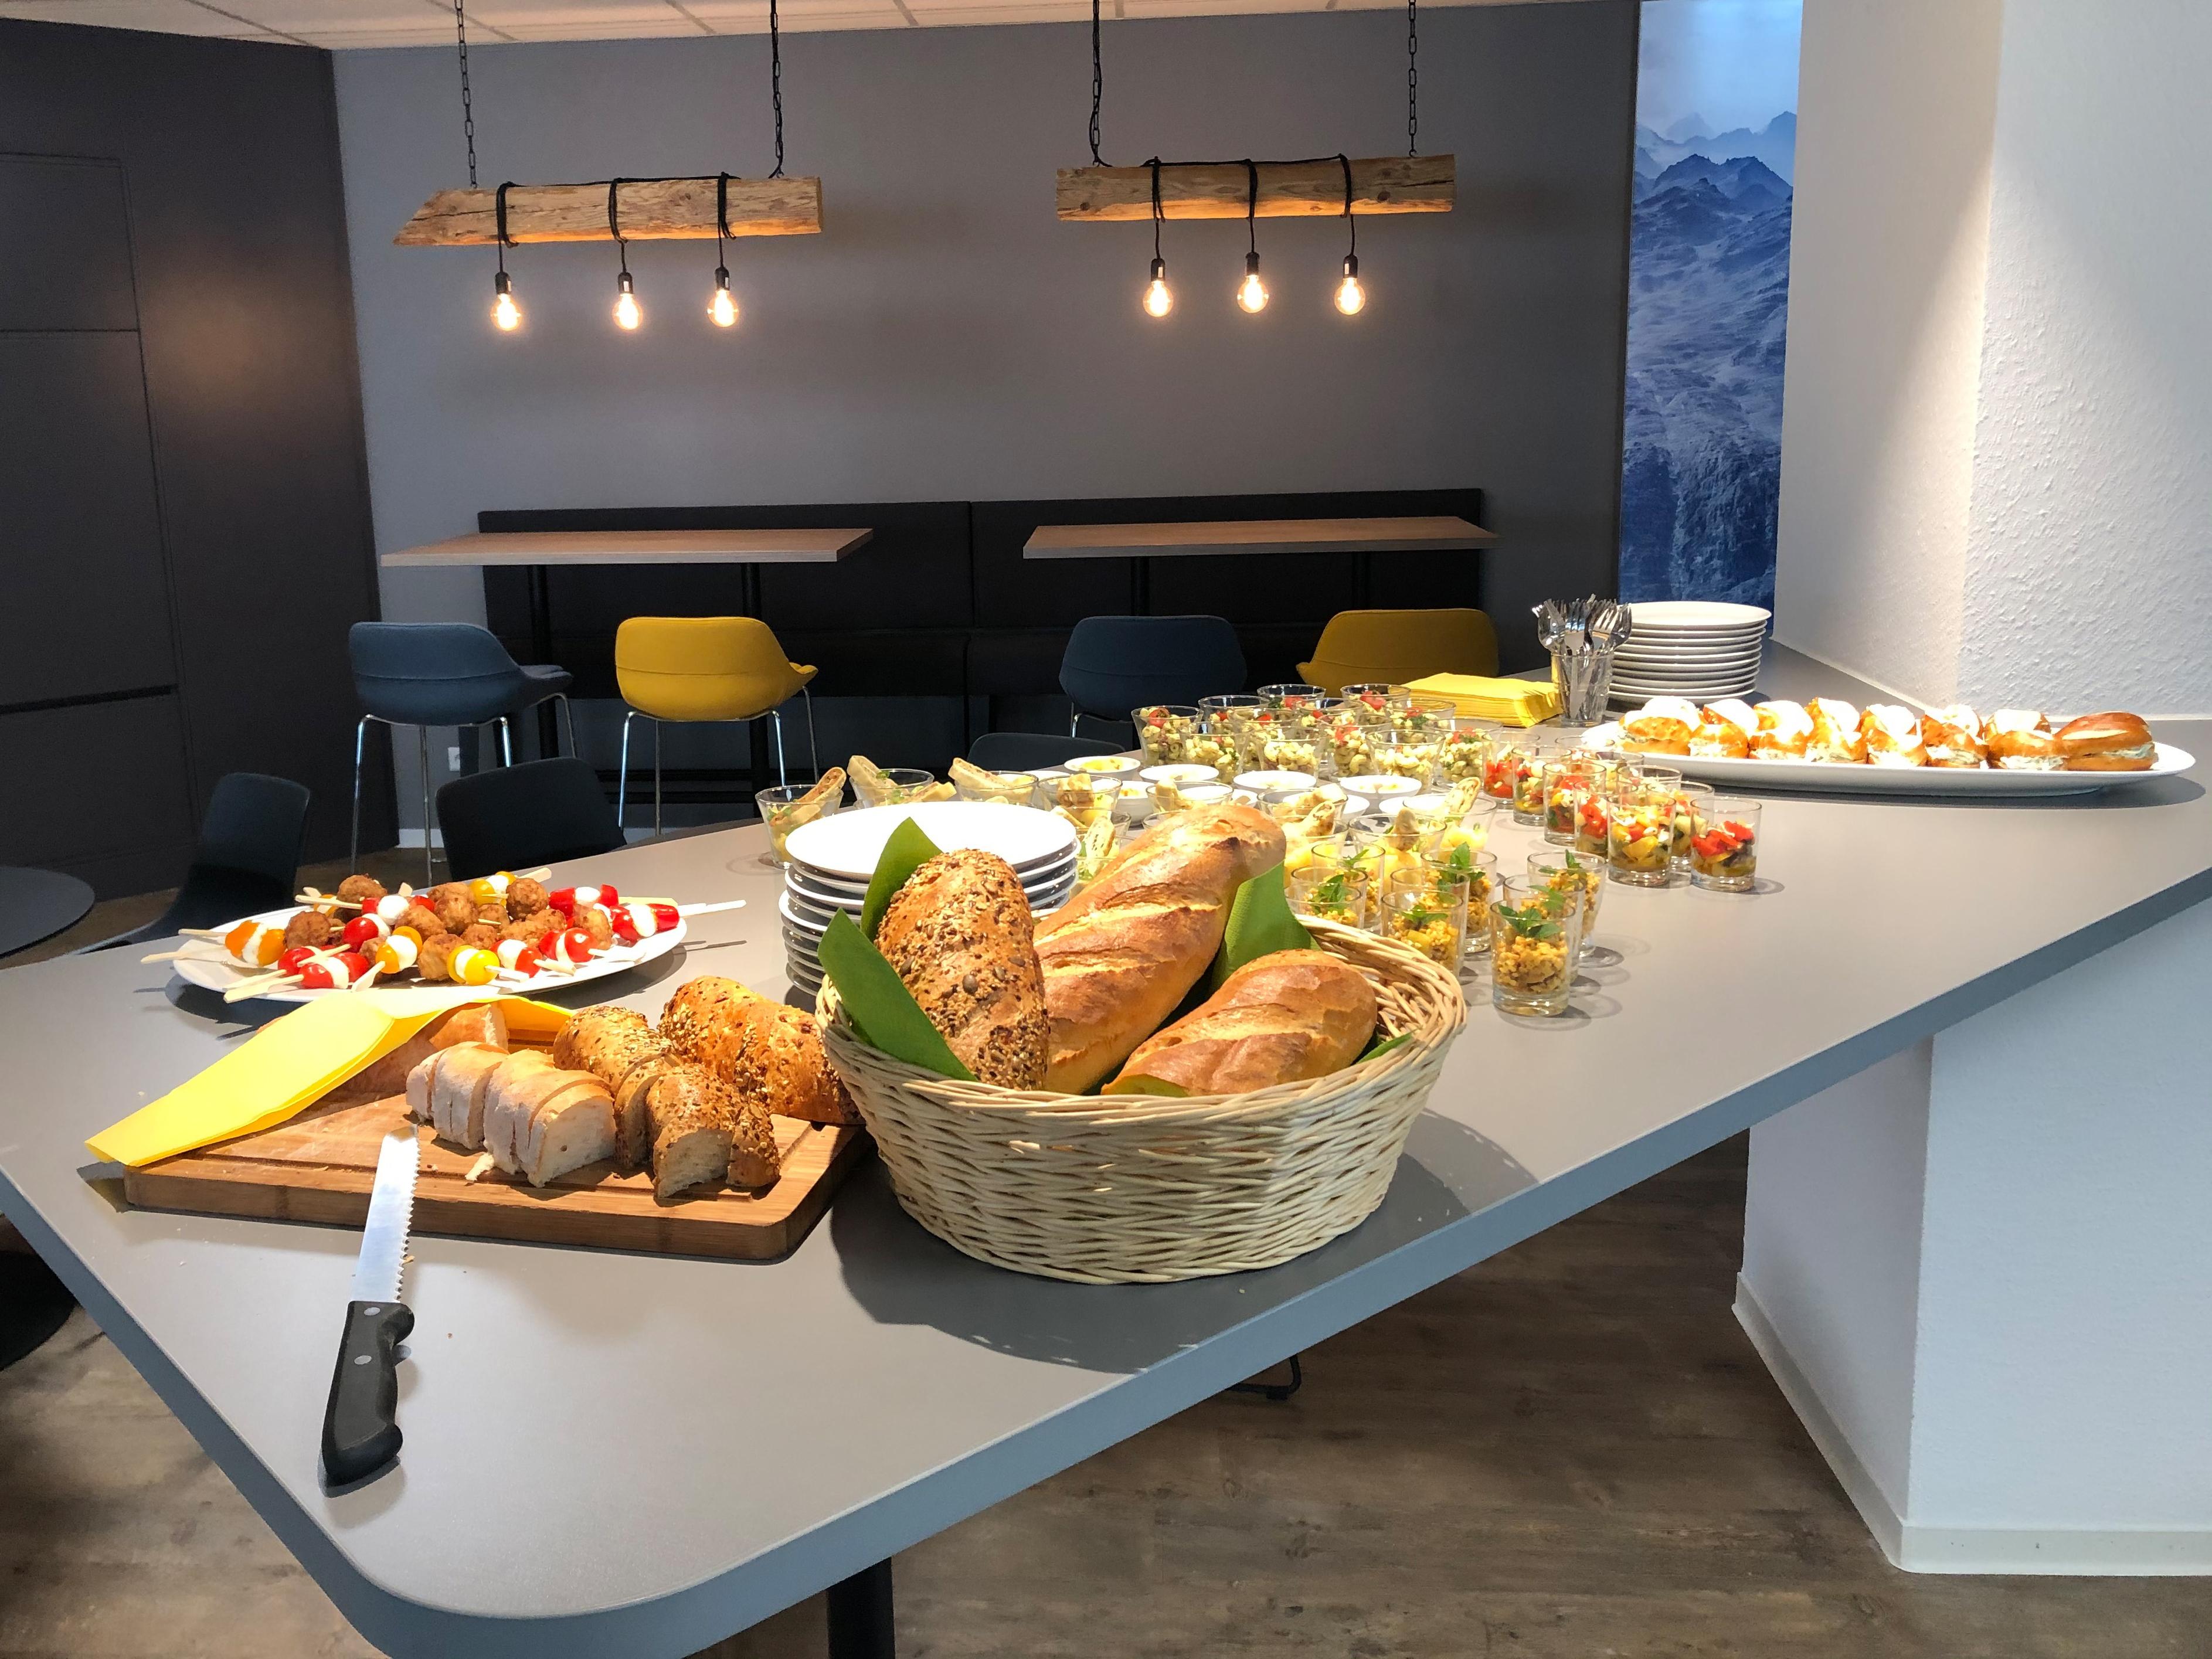 News Foto Lounge Fingerfood 3 - Gepflegt chillen und arbeiten: Innovabee weiht neue Lounge ein